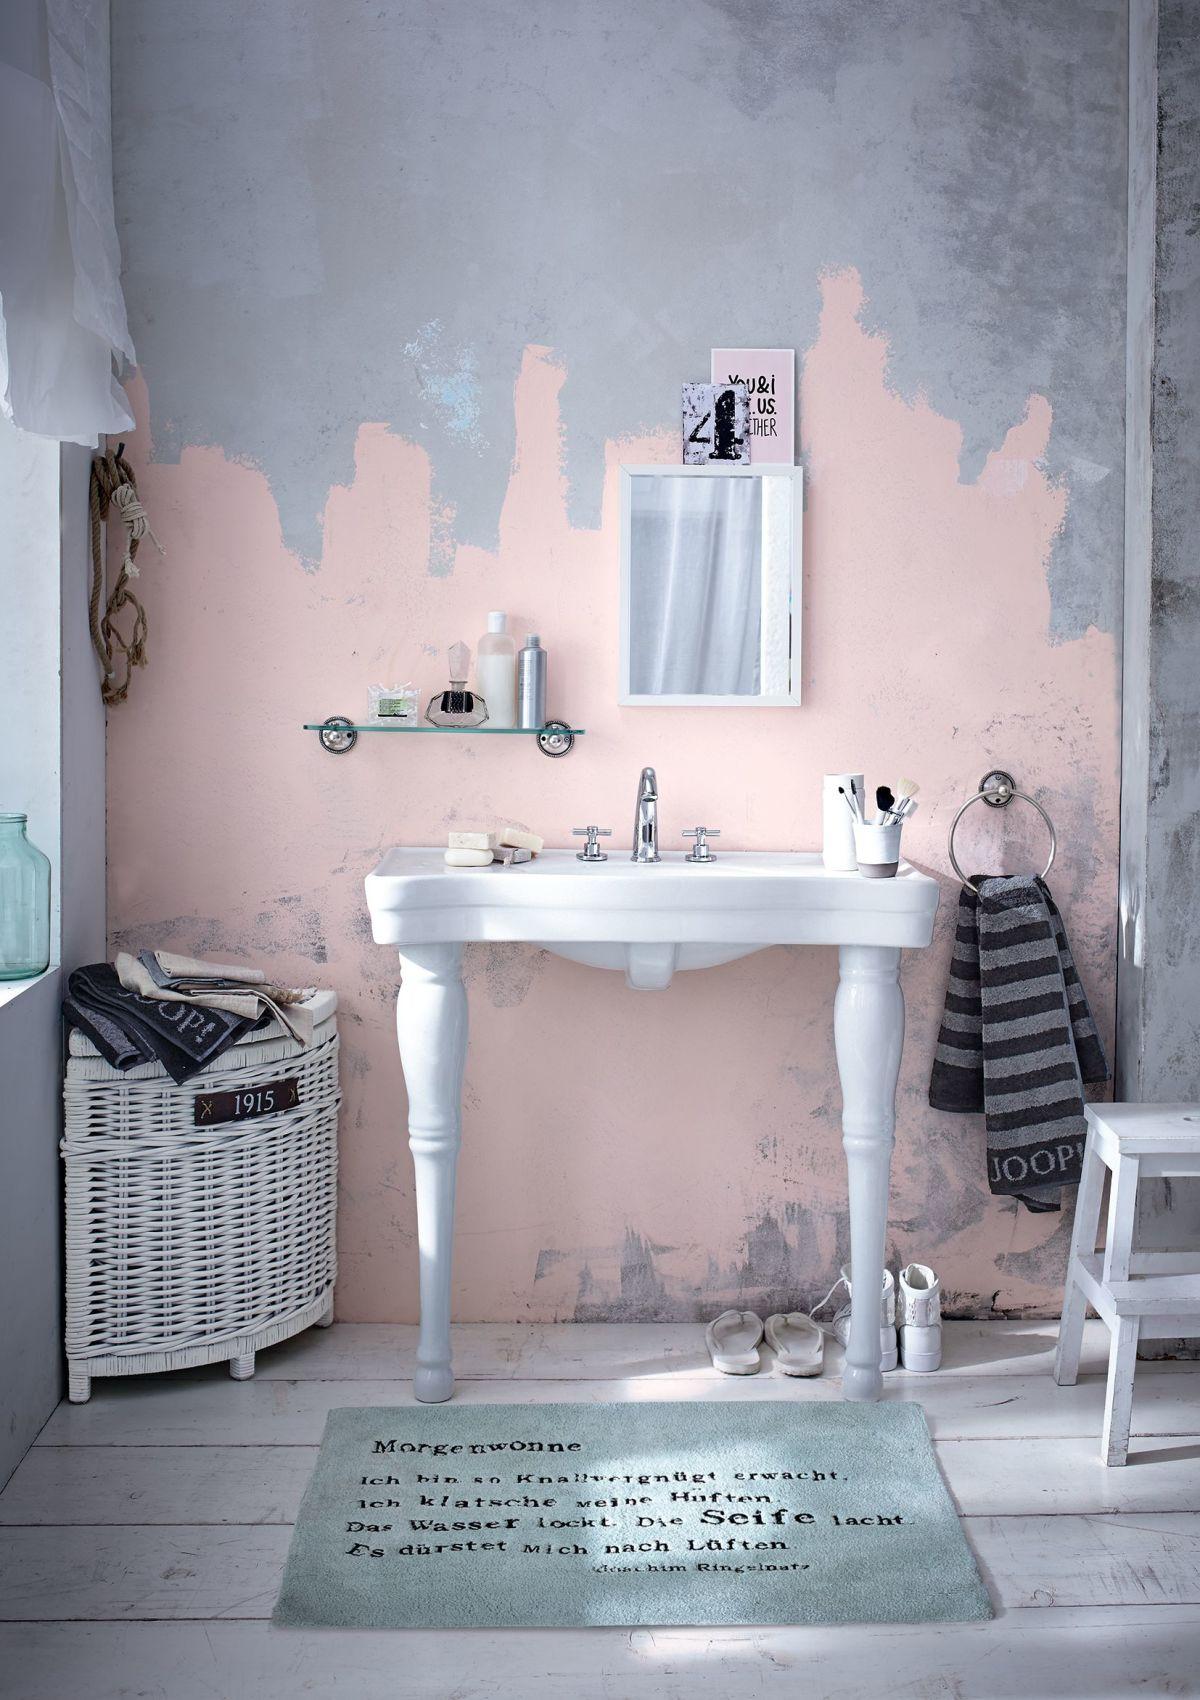 Waschtisch Holz Impressionen ~ Stilvoll antikisierte Wandhalterungen kontrastieren hier apart mit dem